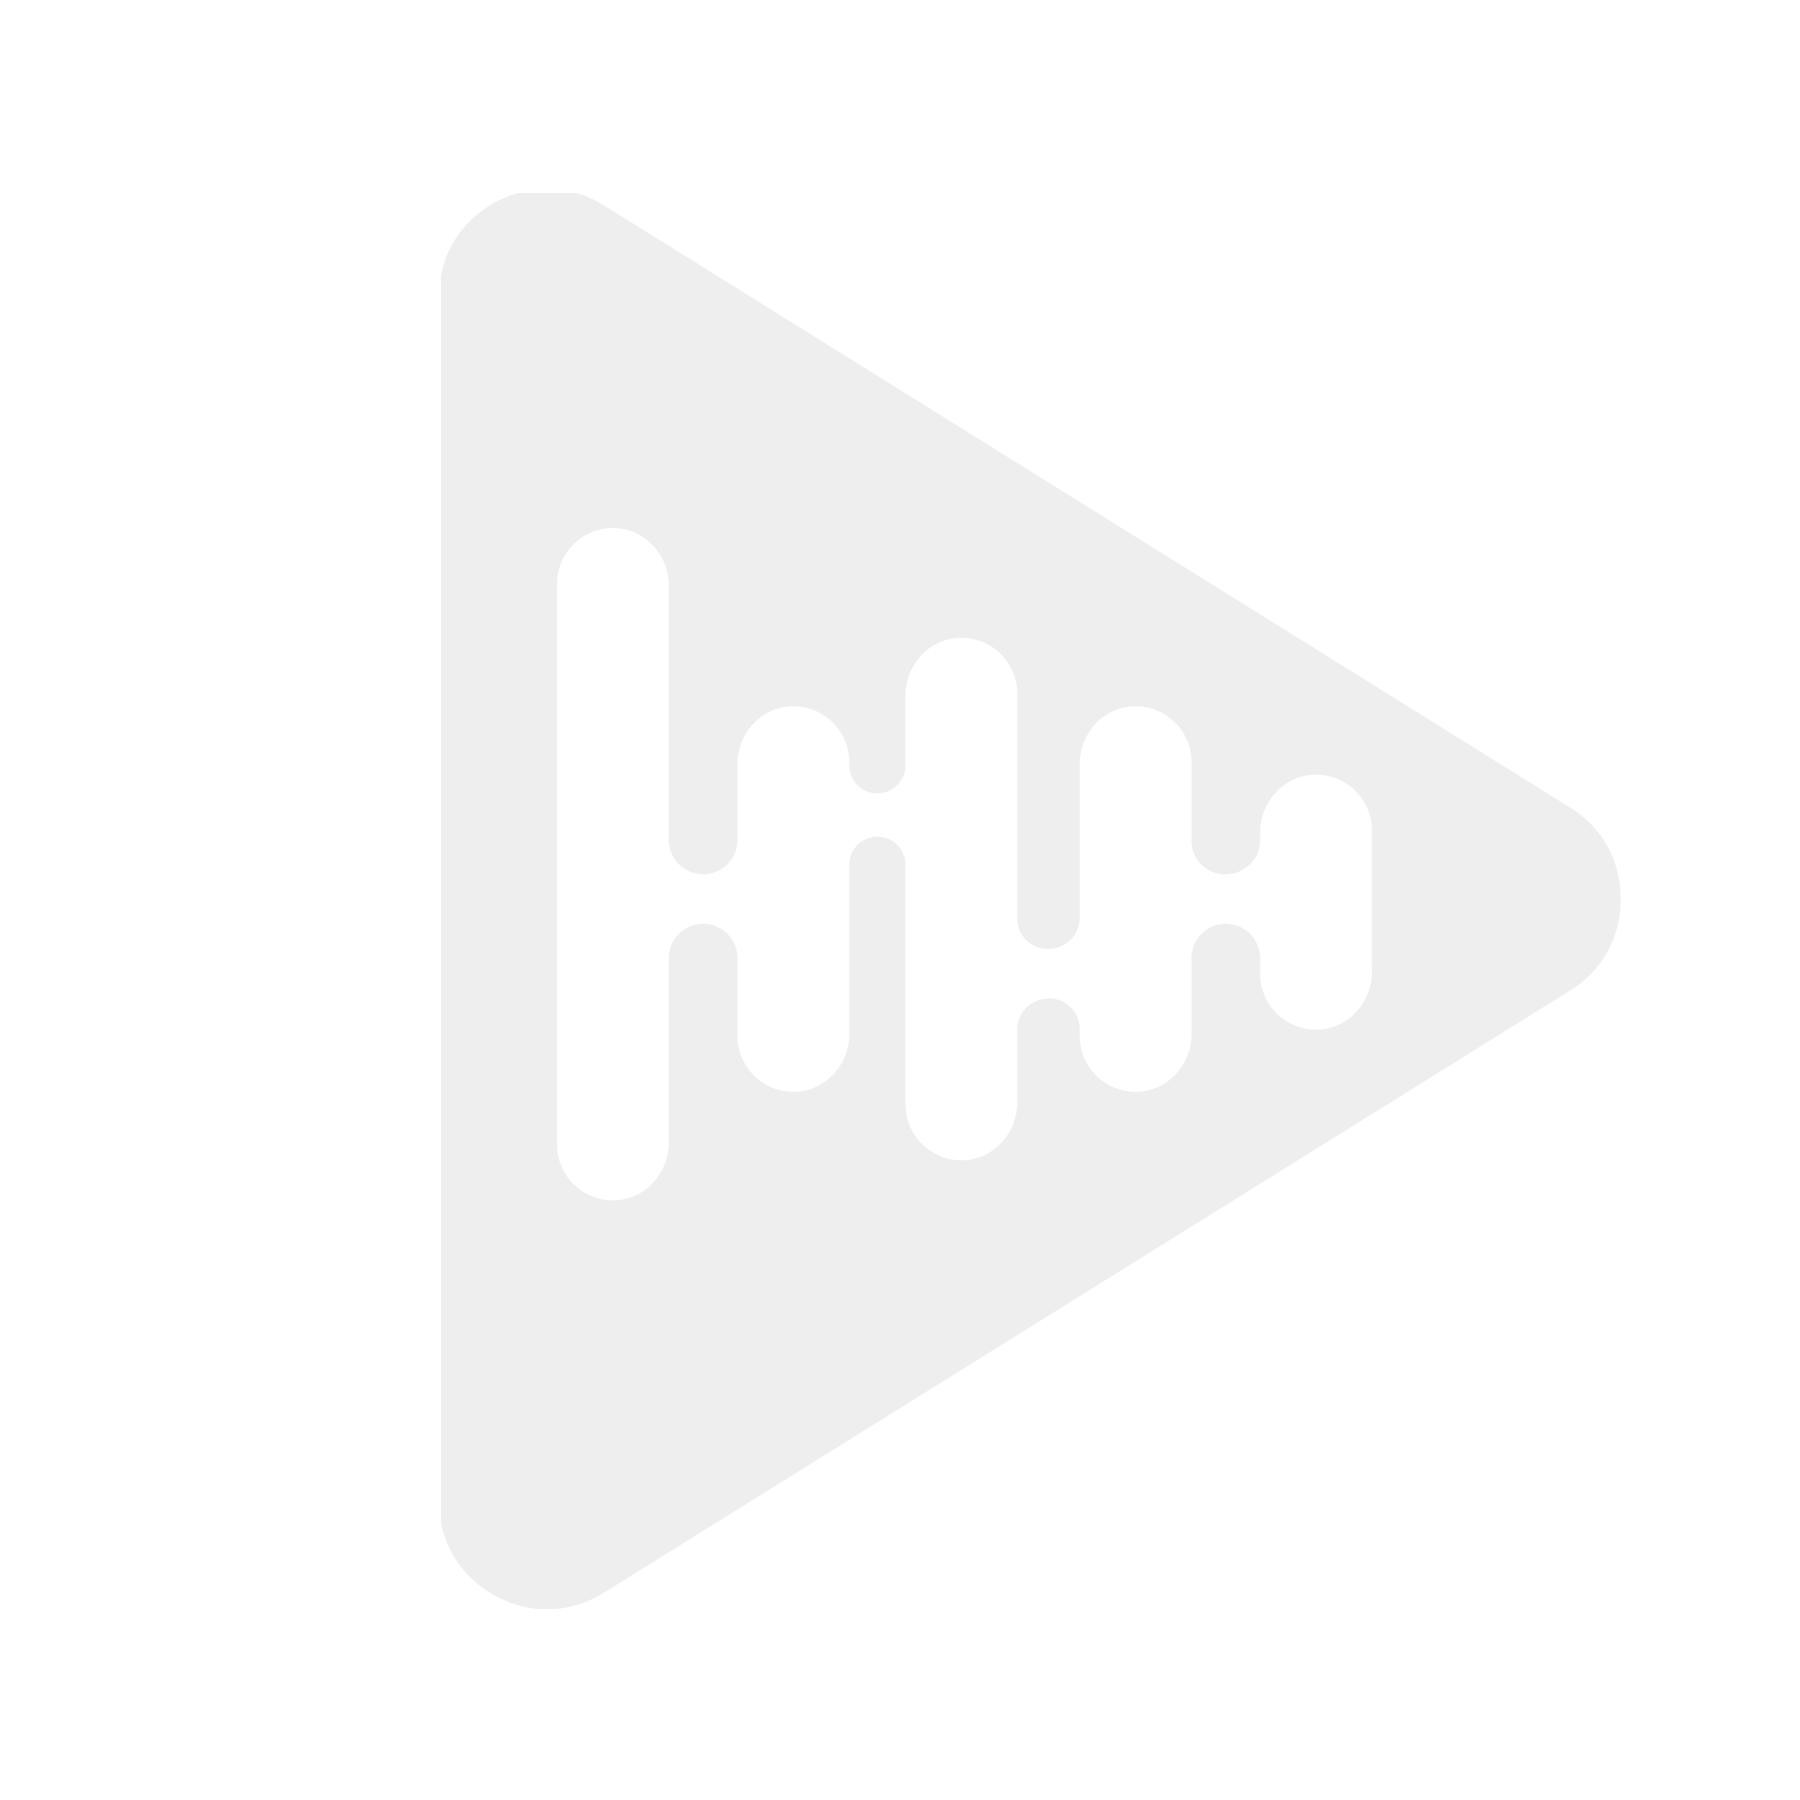 Audison VOCE AV BIT IN HD